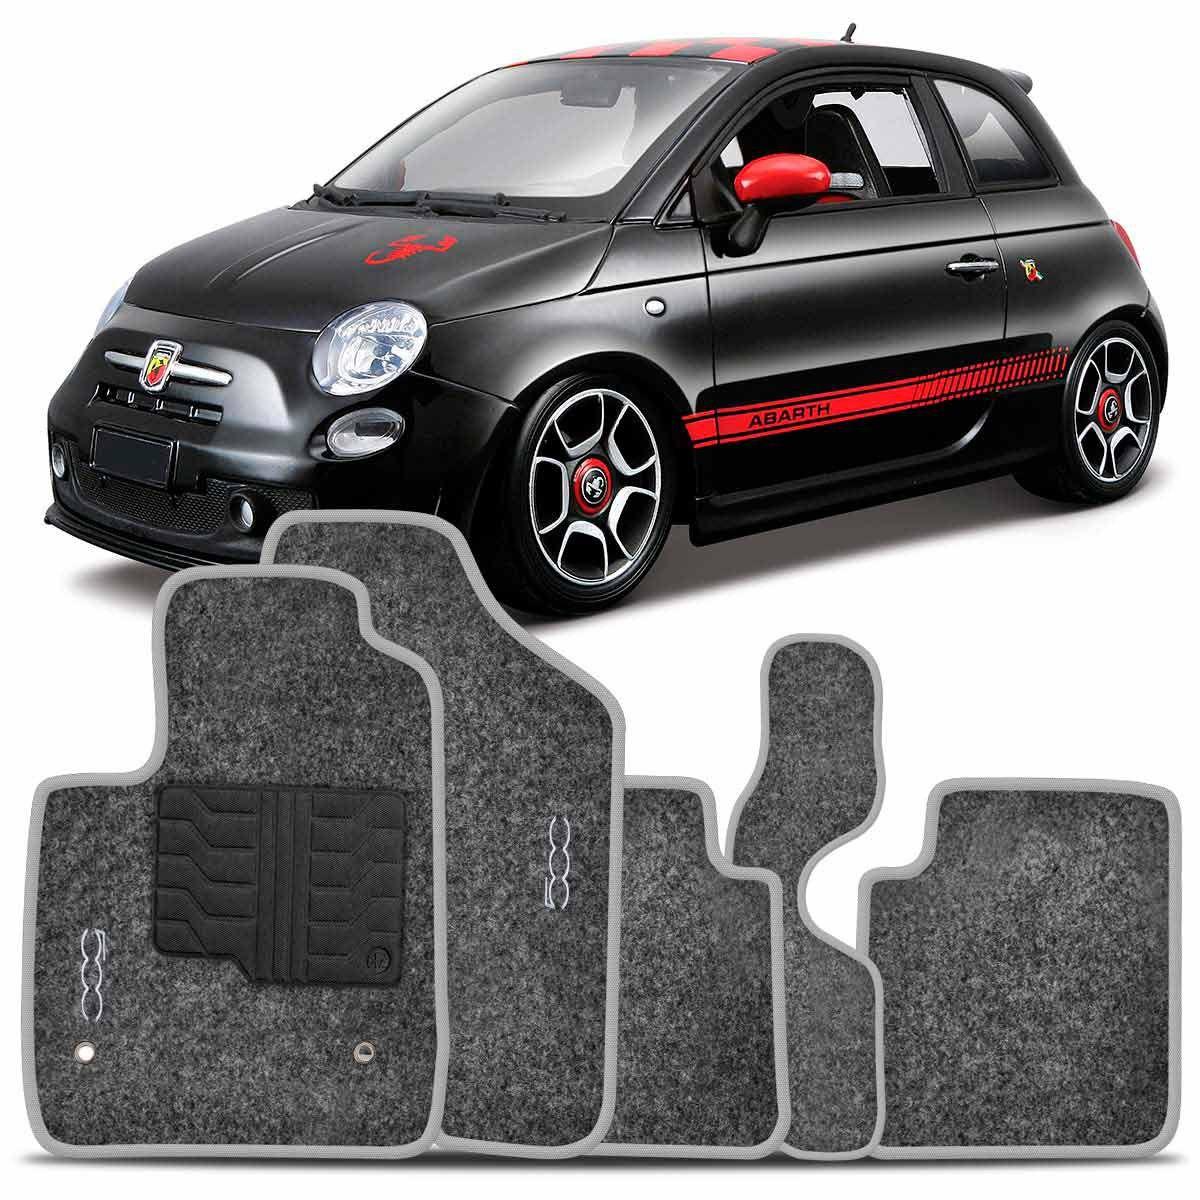 Tapete Carpete Fiat 500 Abarth 2010 2011 2012 2013 2014 2015 Grafite